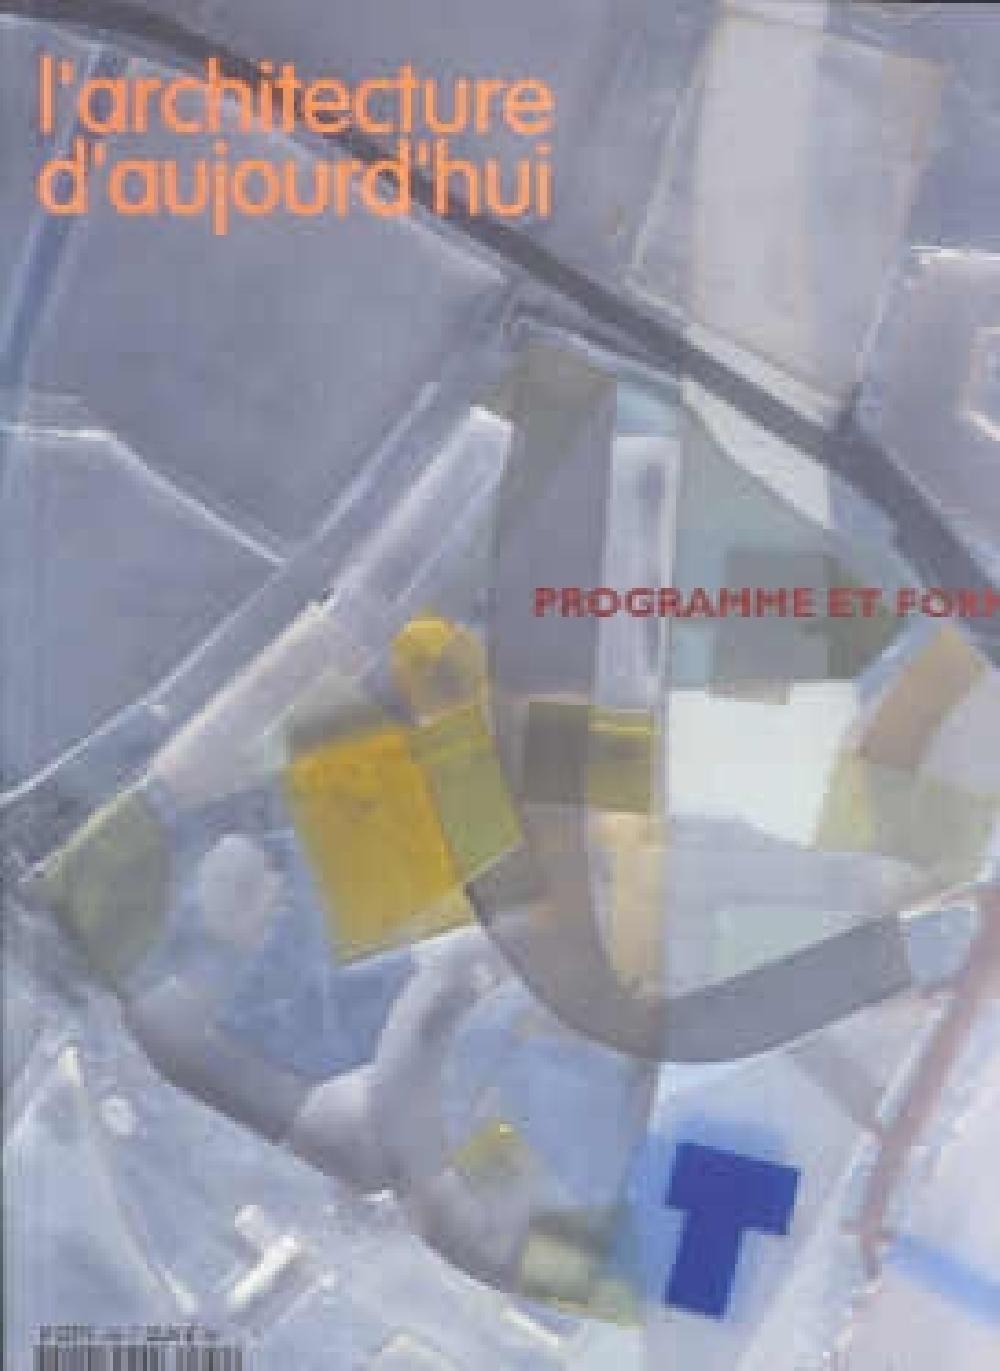 N°339 - Programme et forme